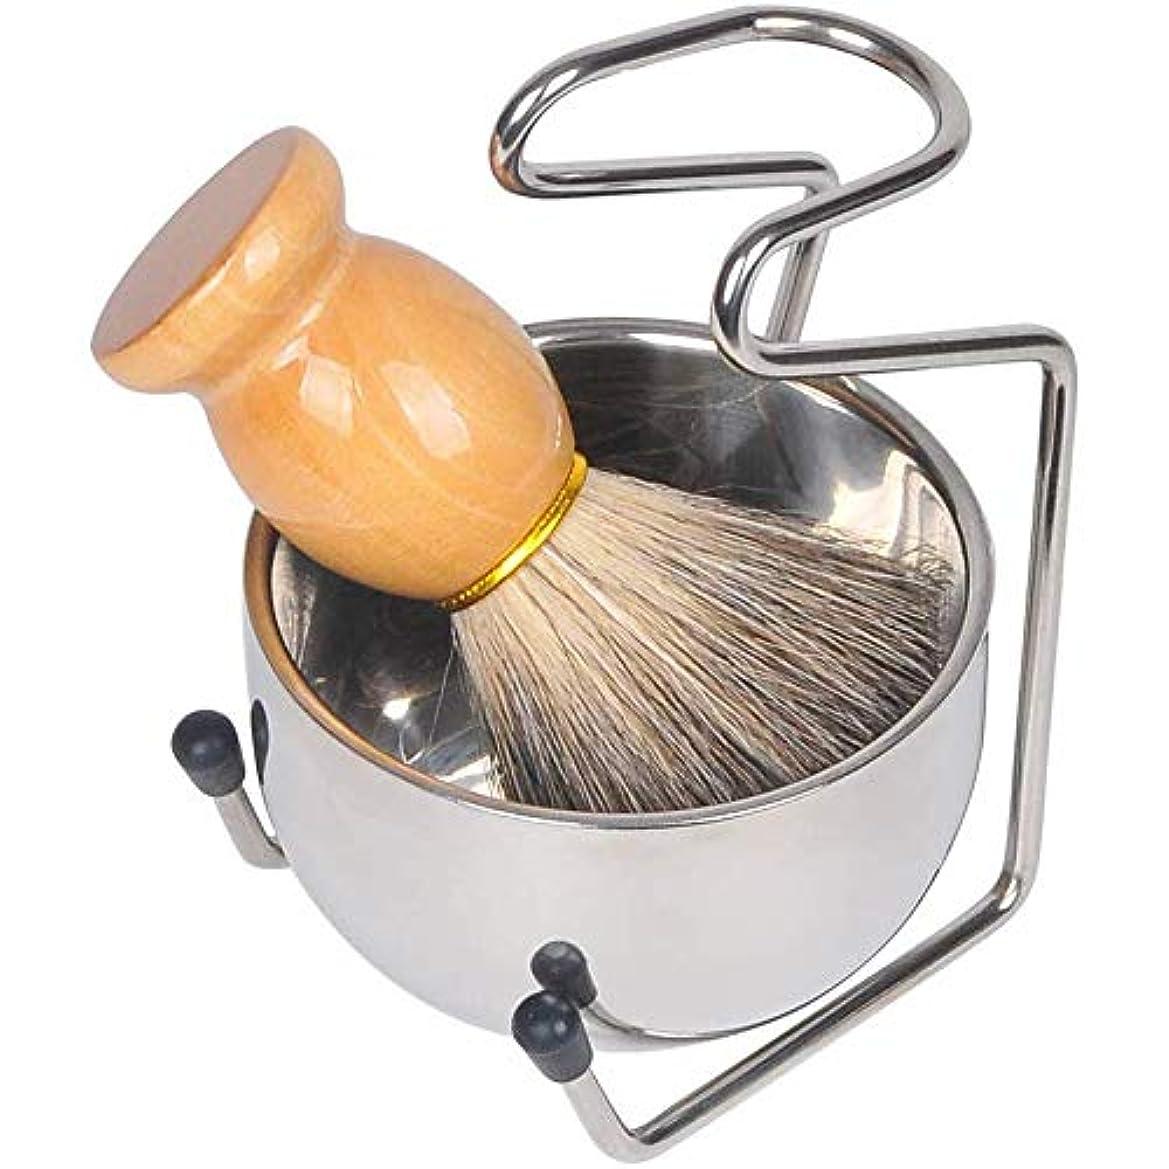 系統的協会グロー3点セット ひげブラシ シェービング石鹸ボウルシェービングブラシセット洗顔ブラシ メンズ 理容 髭剃り 泡立ち毛